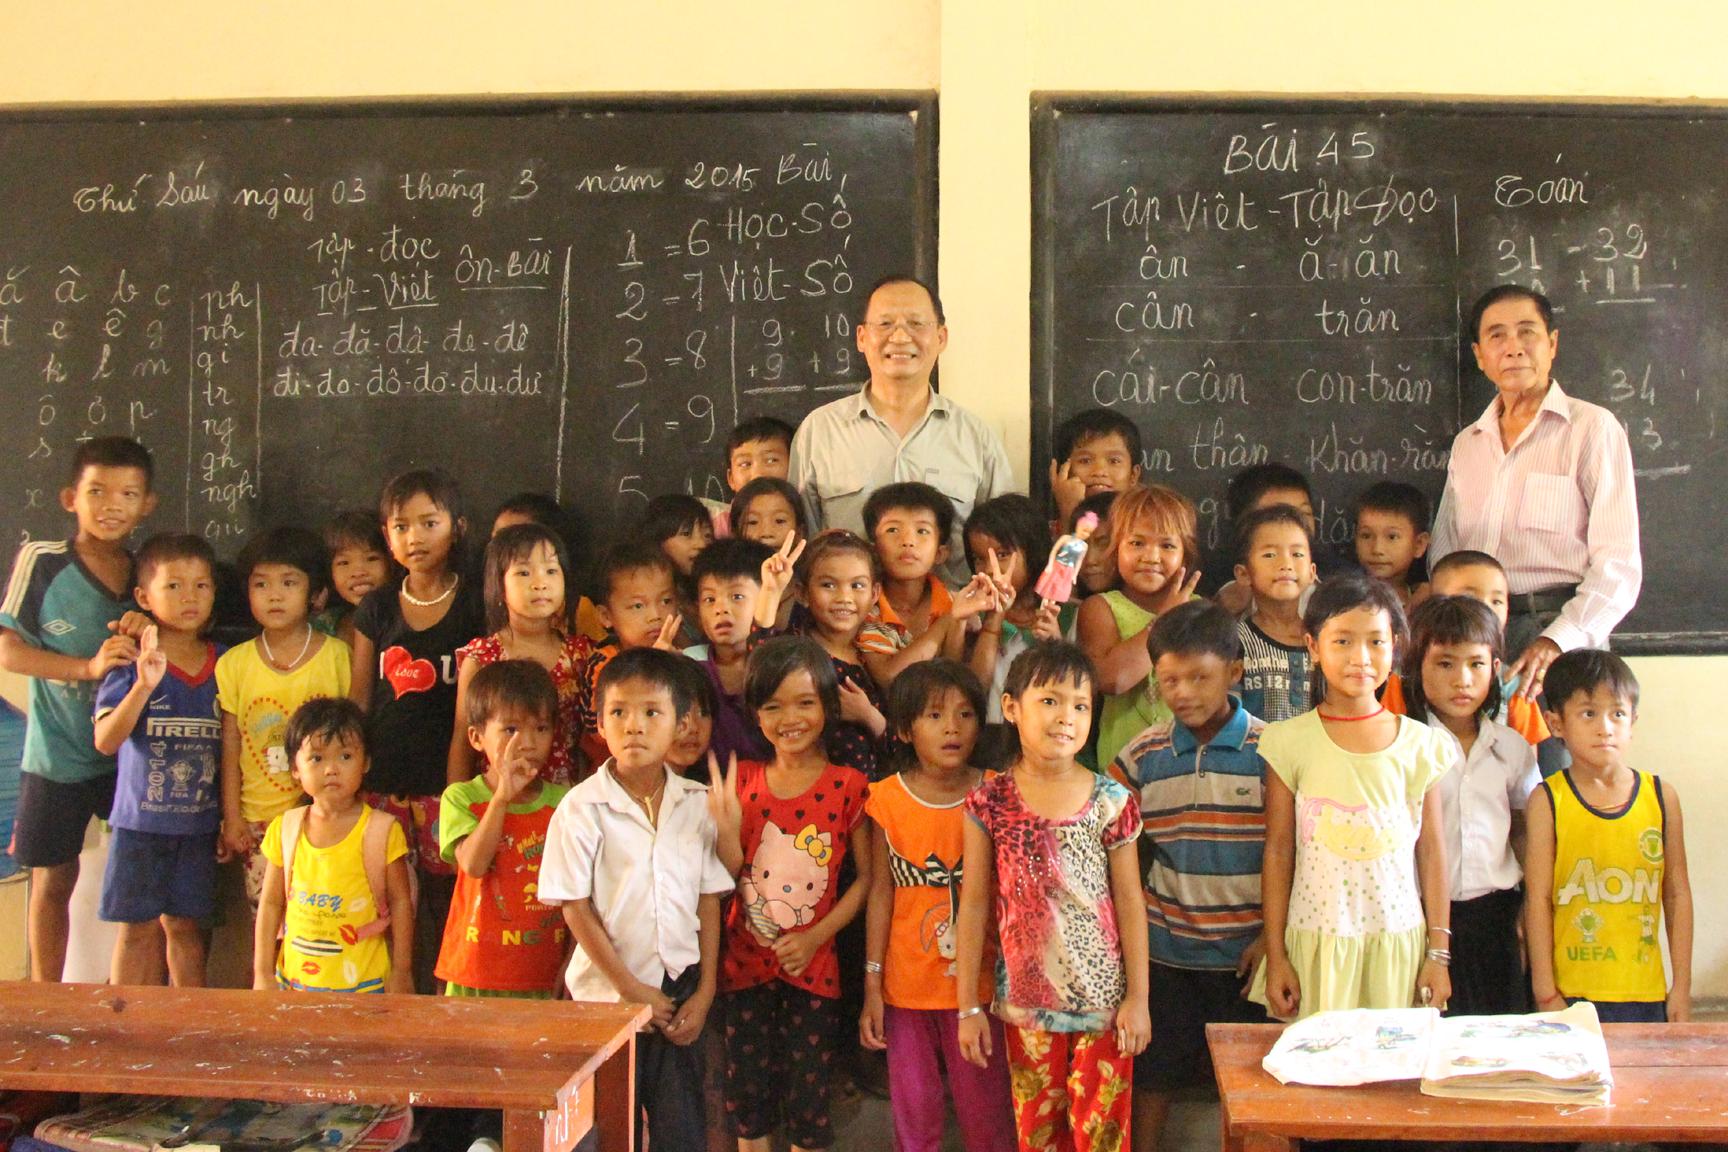 Hàng chục ngàn người gốc Việt sinh ra tại Cambodia sắp bị tước quốc tịch